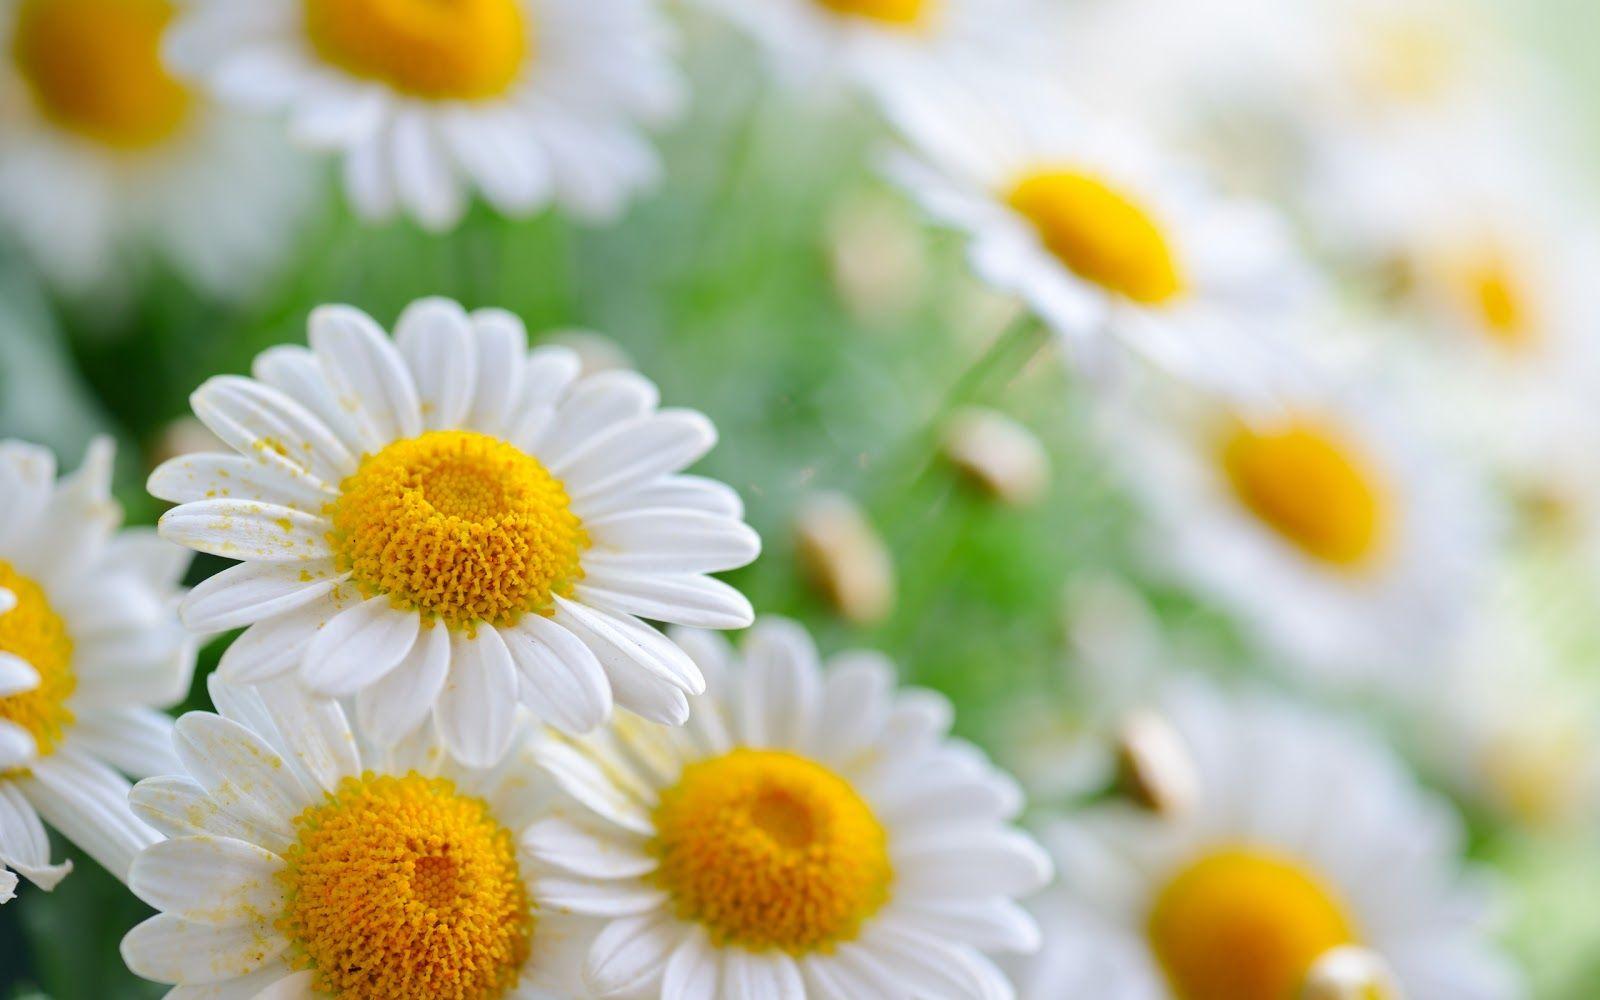 20 خلفية زهور رائعة عالية الدقة مجانا مداد الجليد Flower Wallpaper Amazing Flowers Daisy Wallpaper